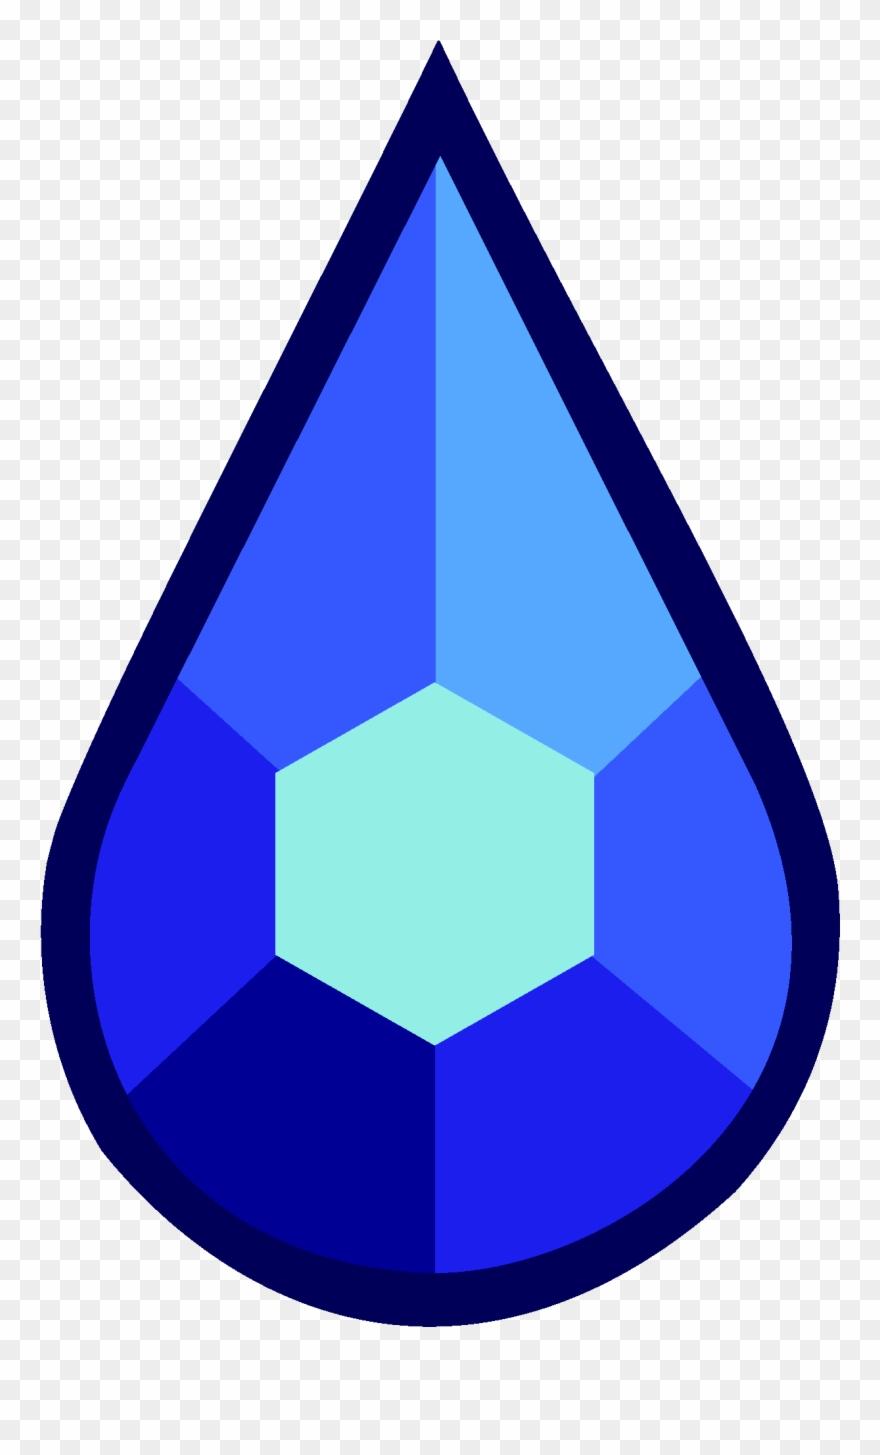 Gem clipart triangle. Steven universe png transparent